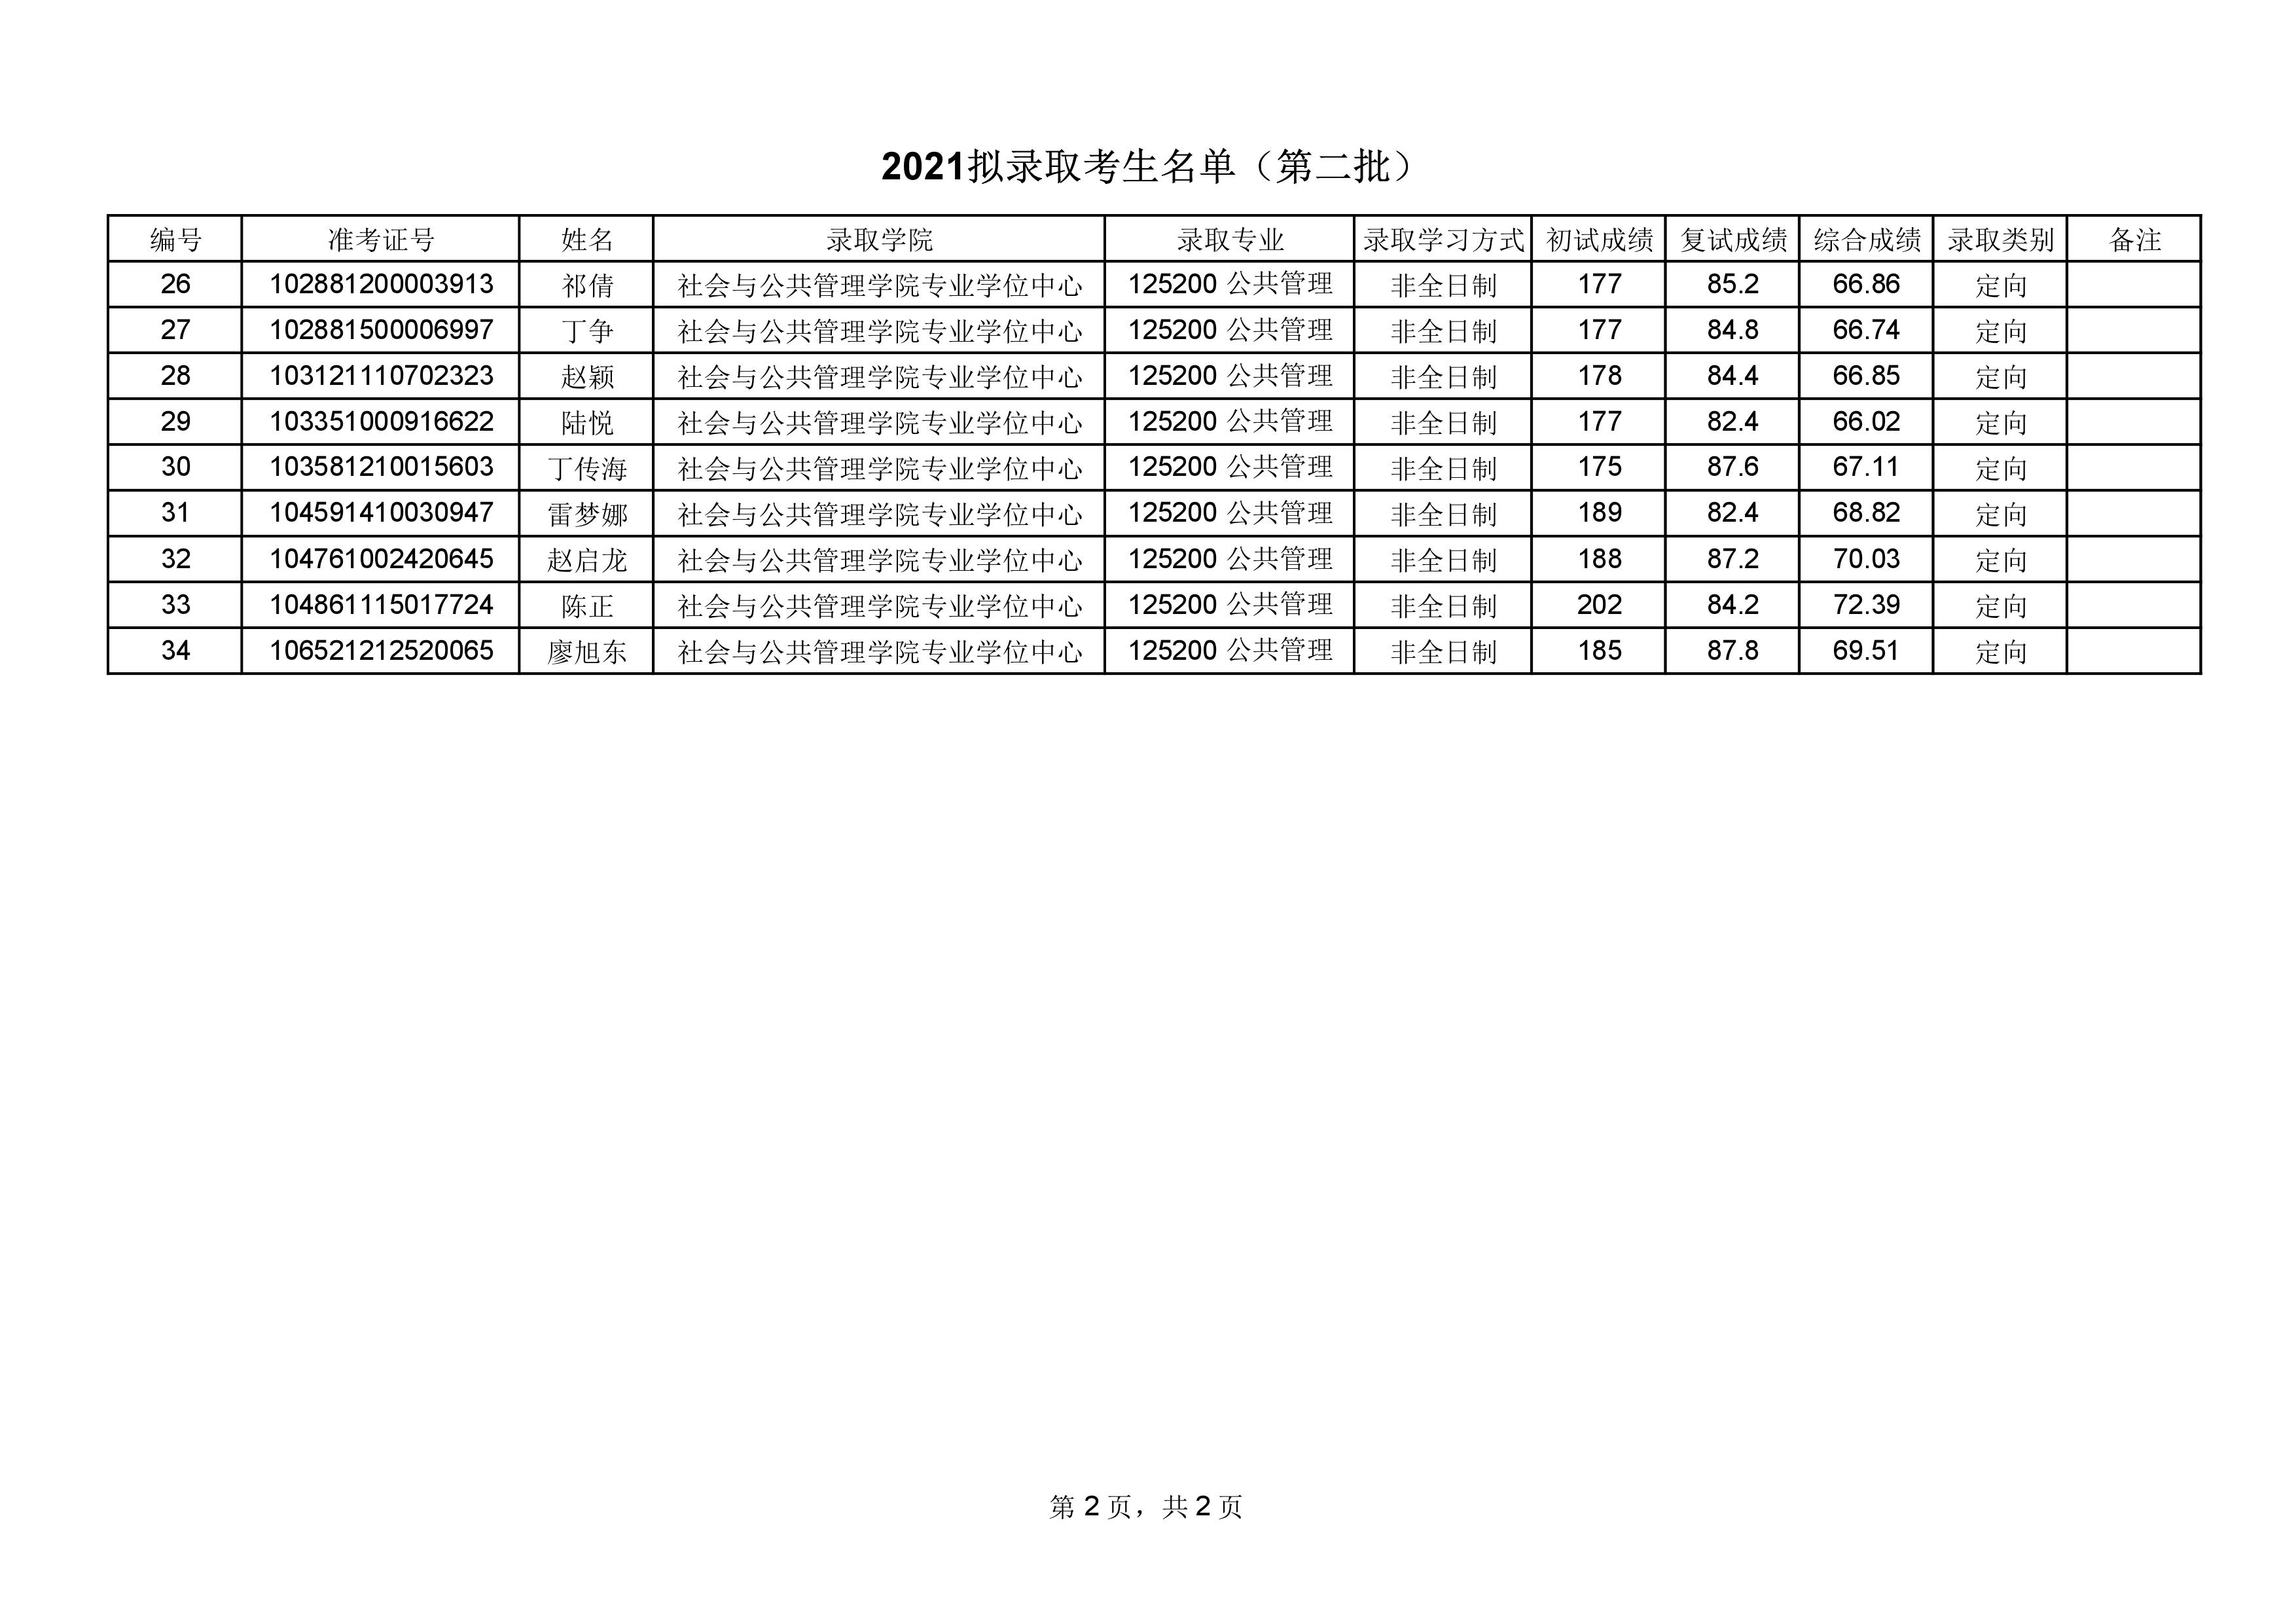 2021考研拟录取名单:华东理工大学2021年硕士研究生拟录取名单公示